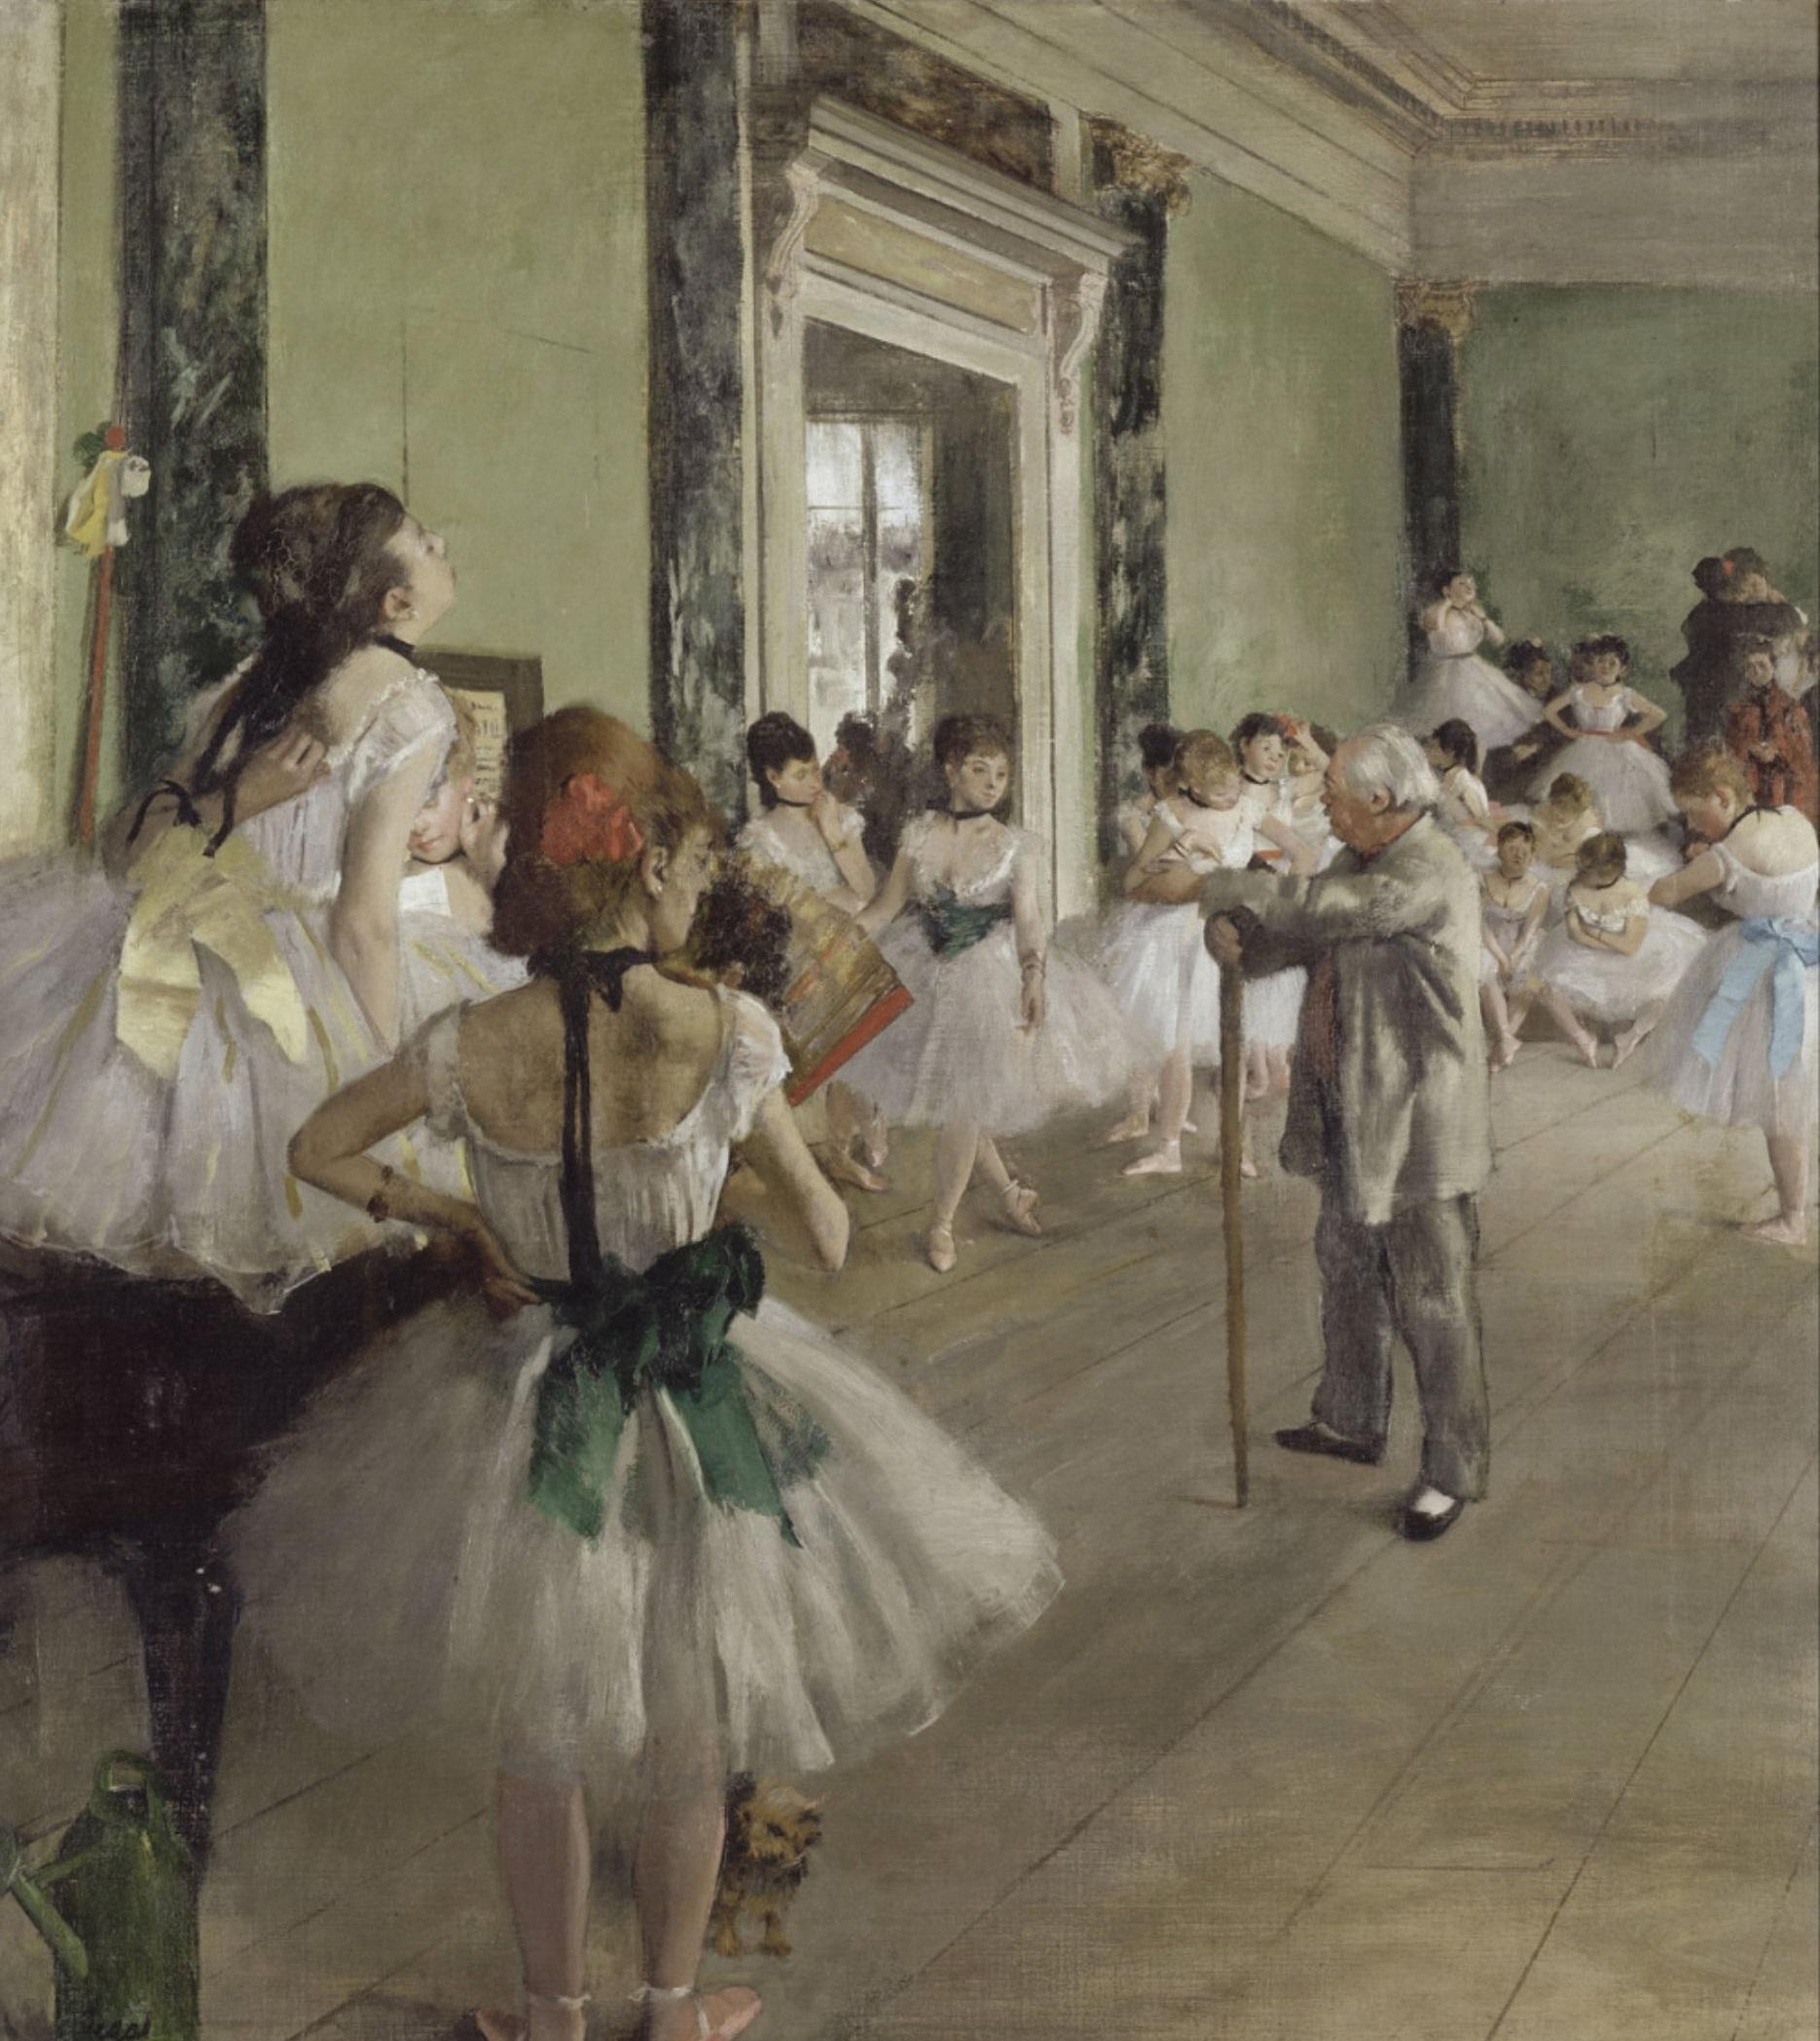 Эдгар Дега «Танцевальный класс», 1874. Источник: www.wikiart.org